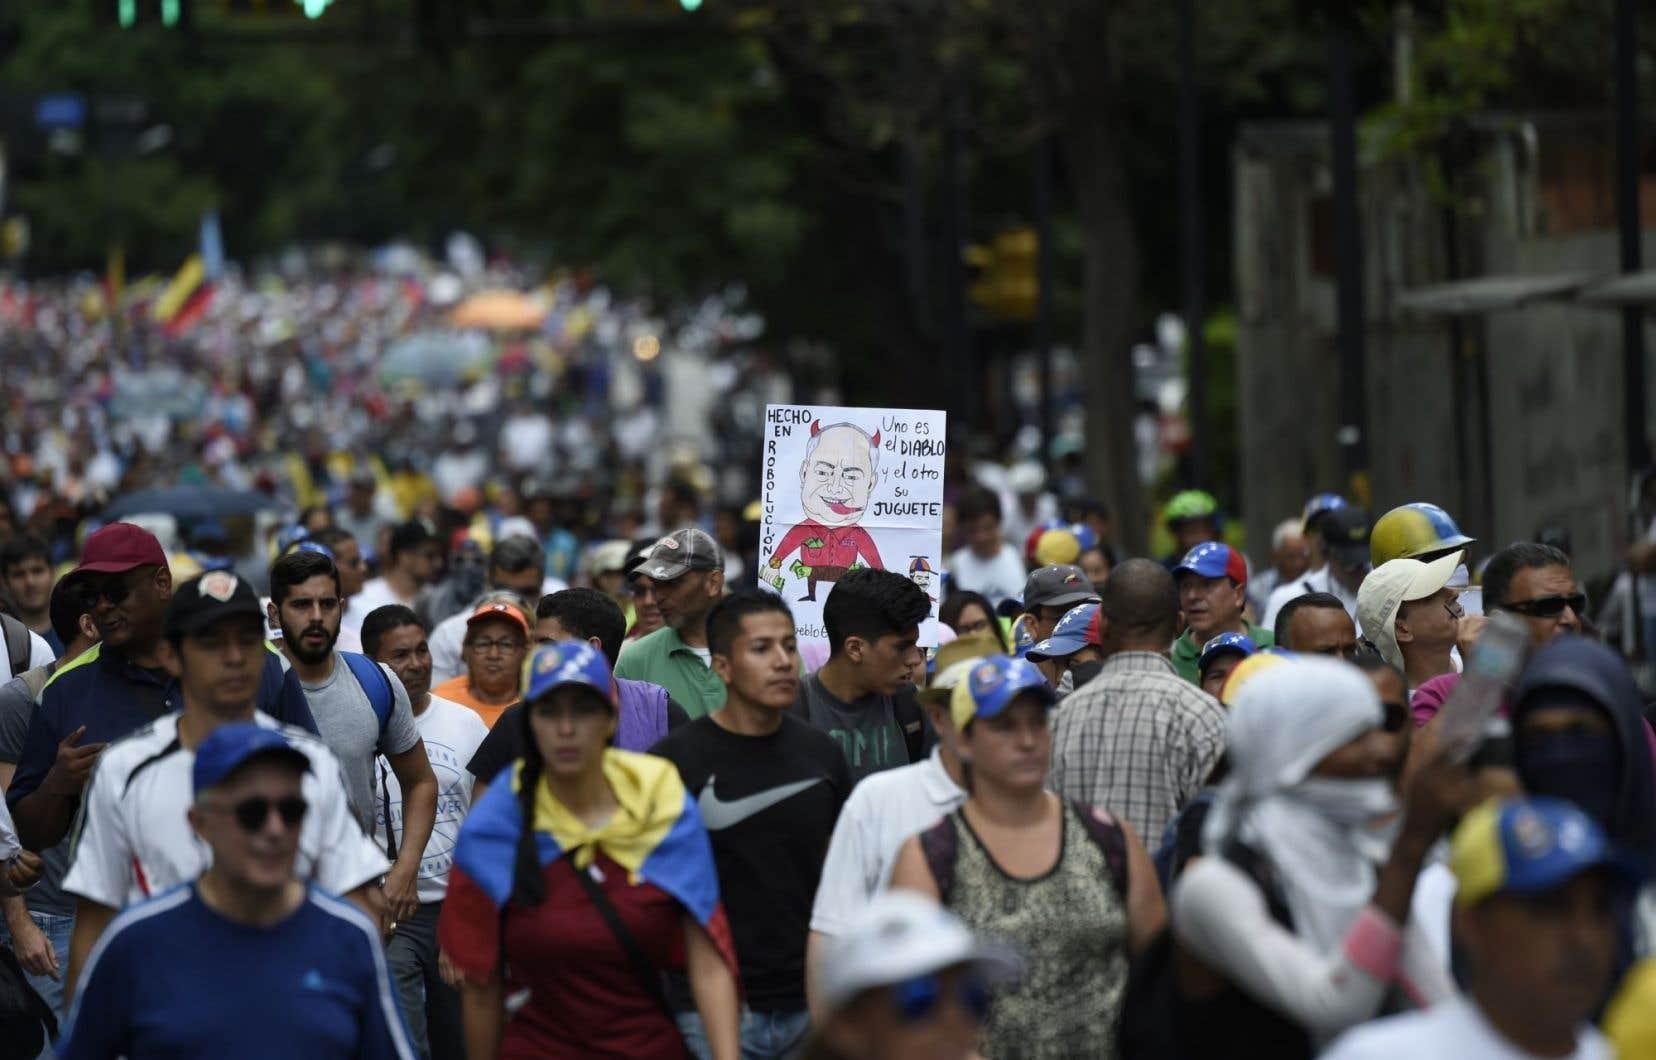 Les appels lancés au président vénézuélien à rétablir l'État de droit dans son pays se multiplient au sein de la communauté internationale.